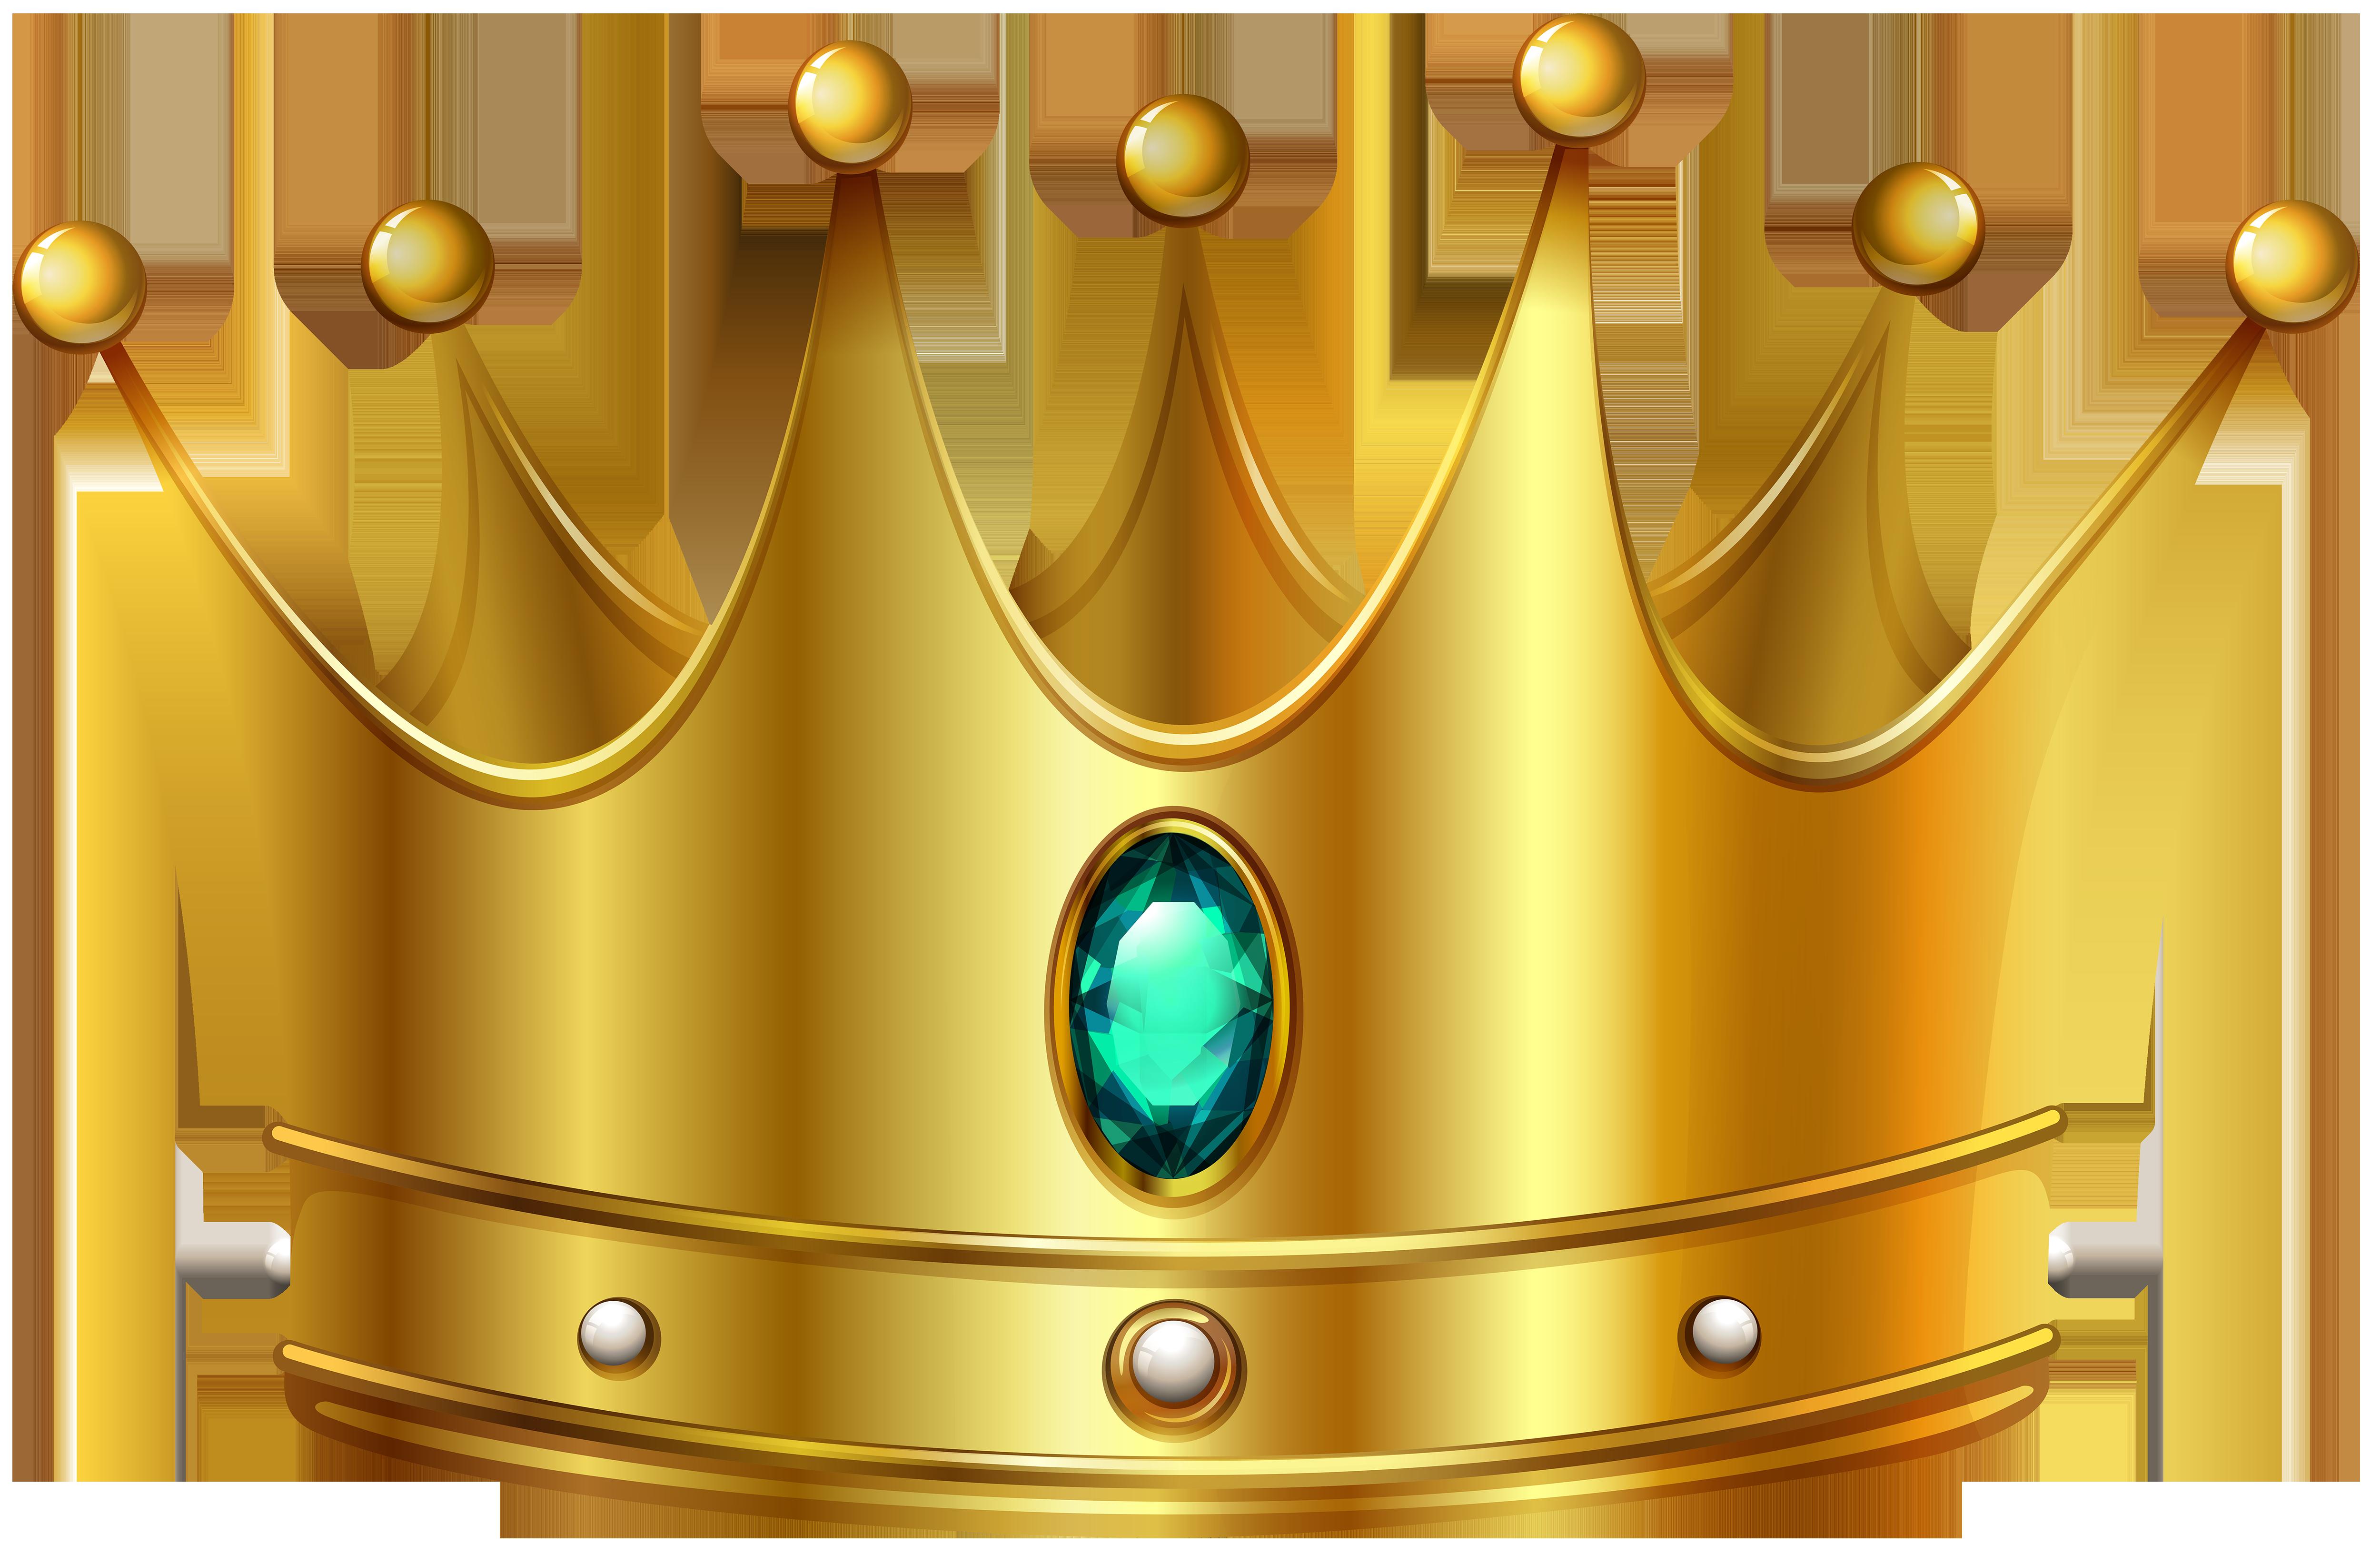 5000x3287 Crown Clipart